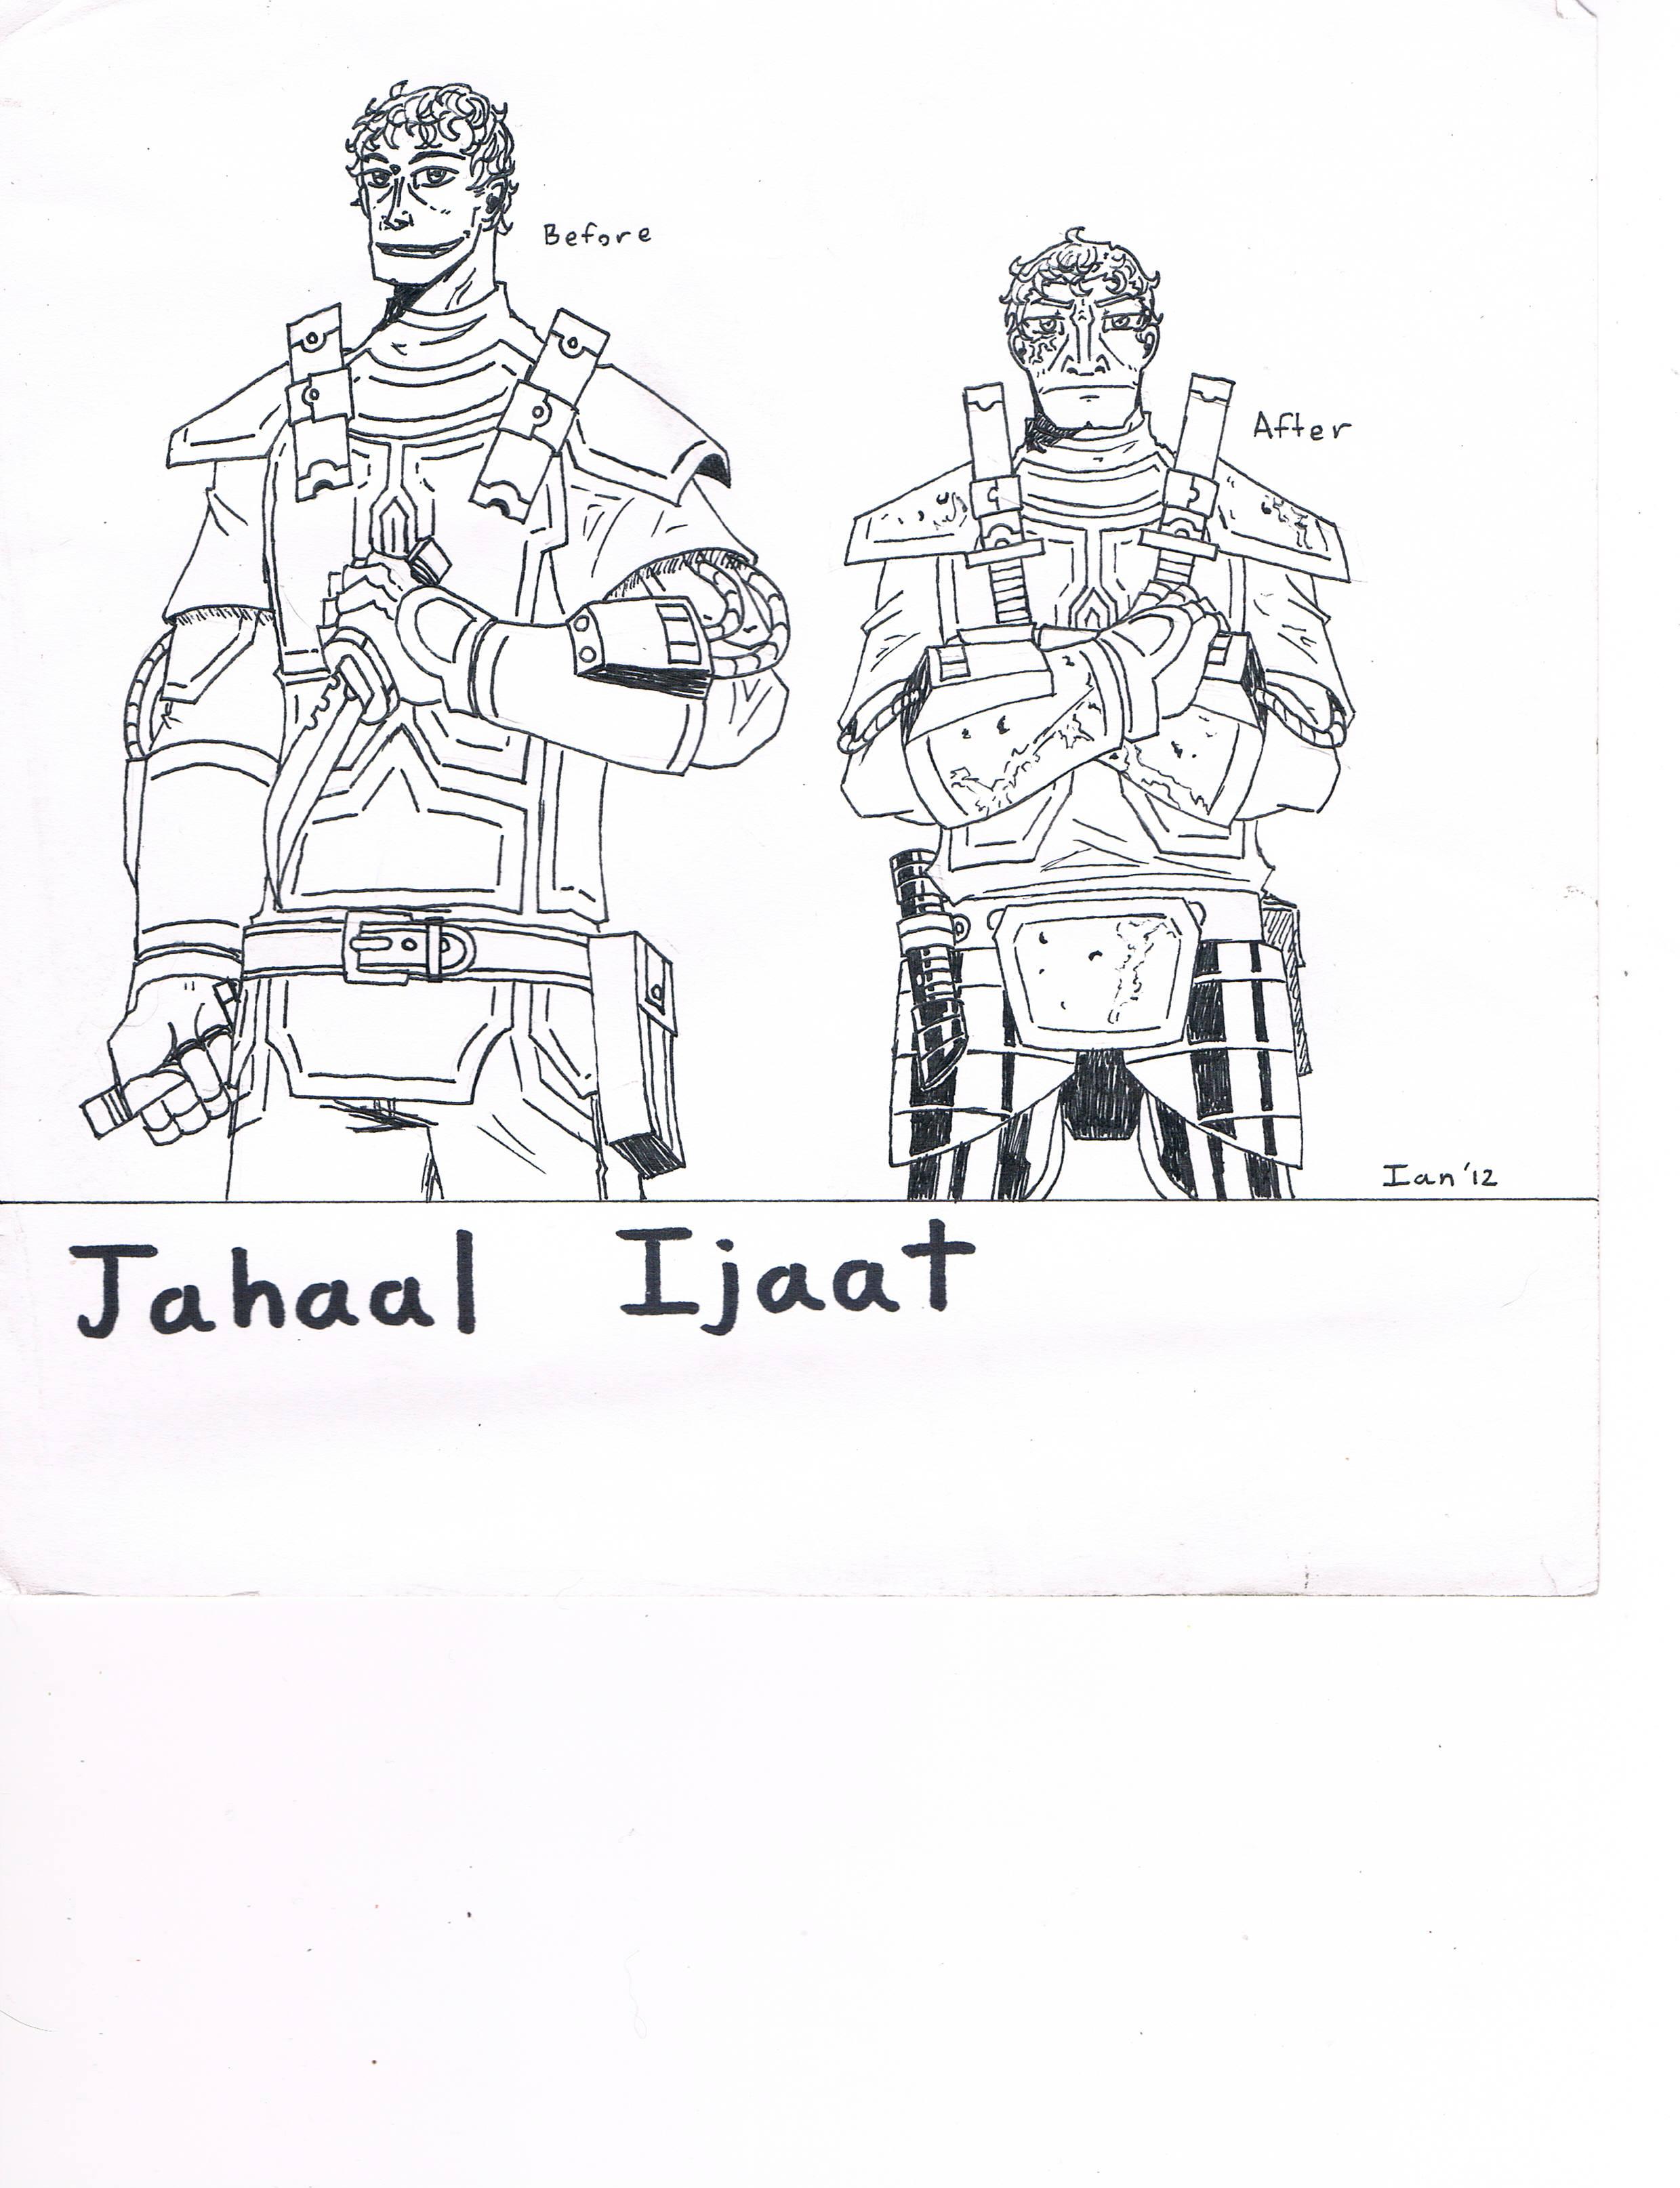 Jahaal Ijaat by DarthVengeance0325